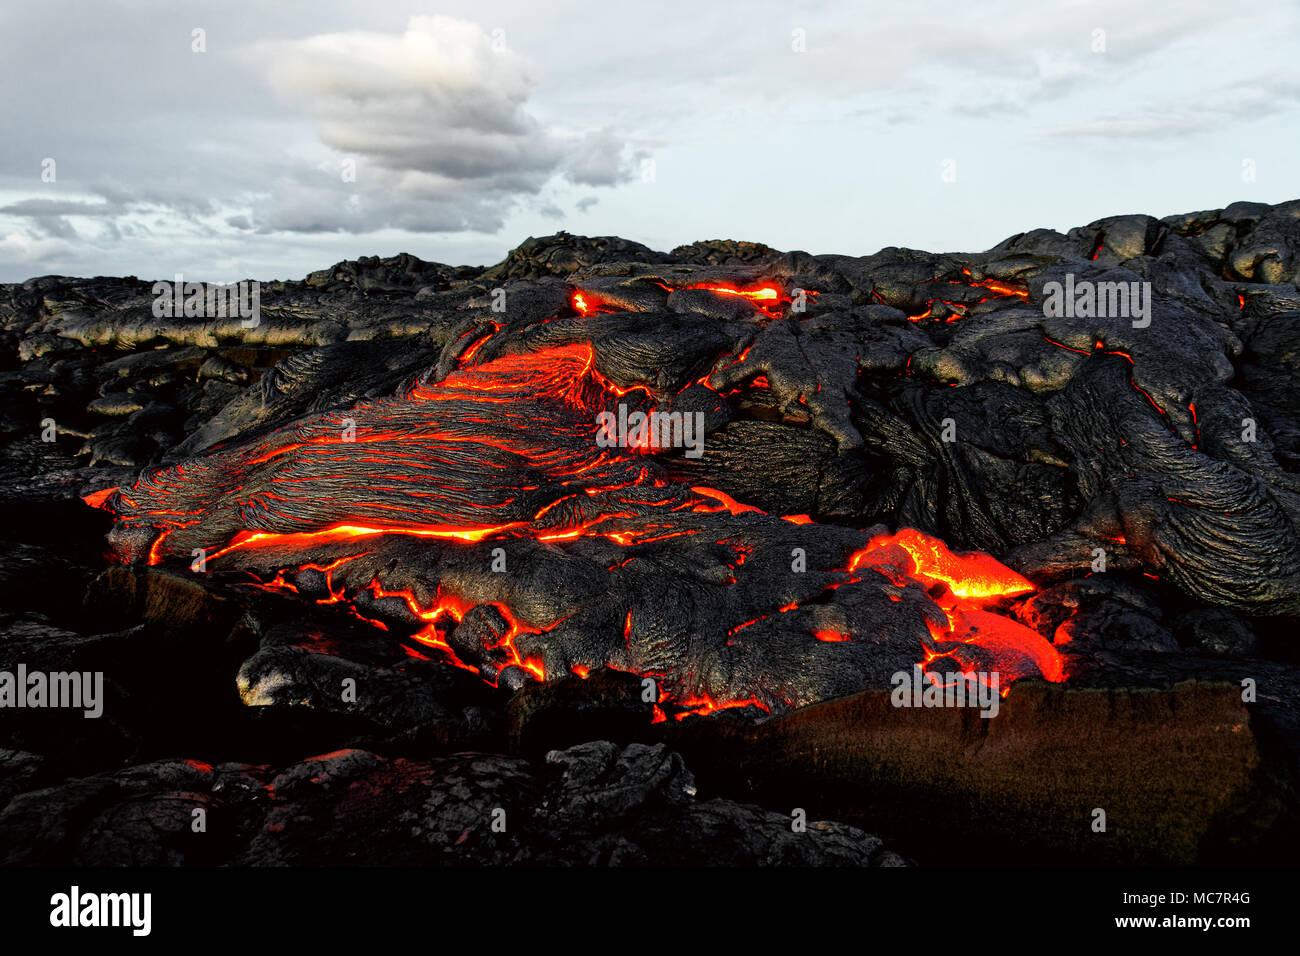 Un flujo de lava emerge de una masa de columna y fluye en un paisaje volcánico negro, en el cielo muestra el primer día - Ubicación: Hawai, Isla Grande, Imagen De Stock